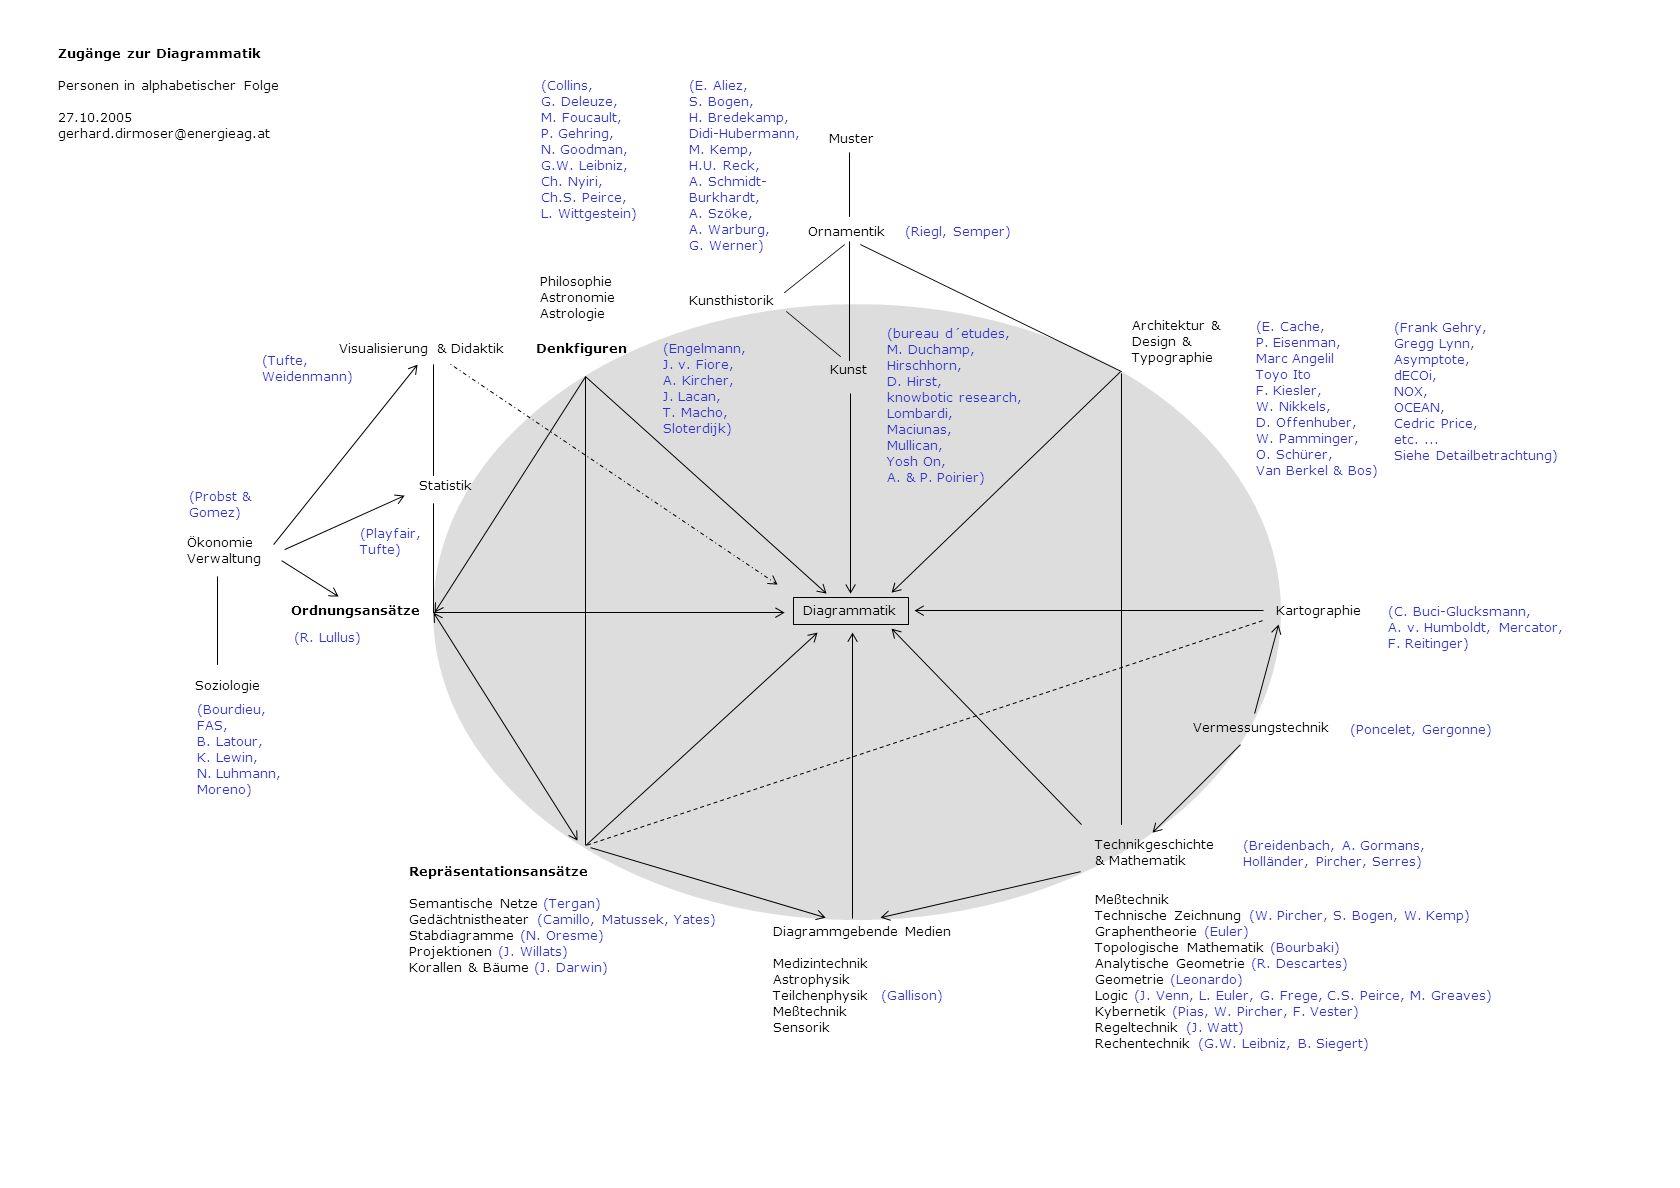 Zugänge zur Diagrammatik